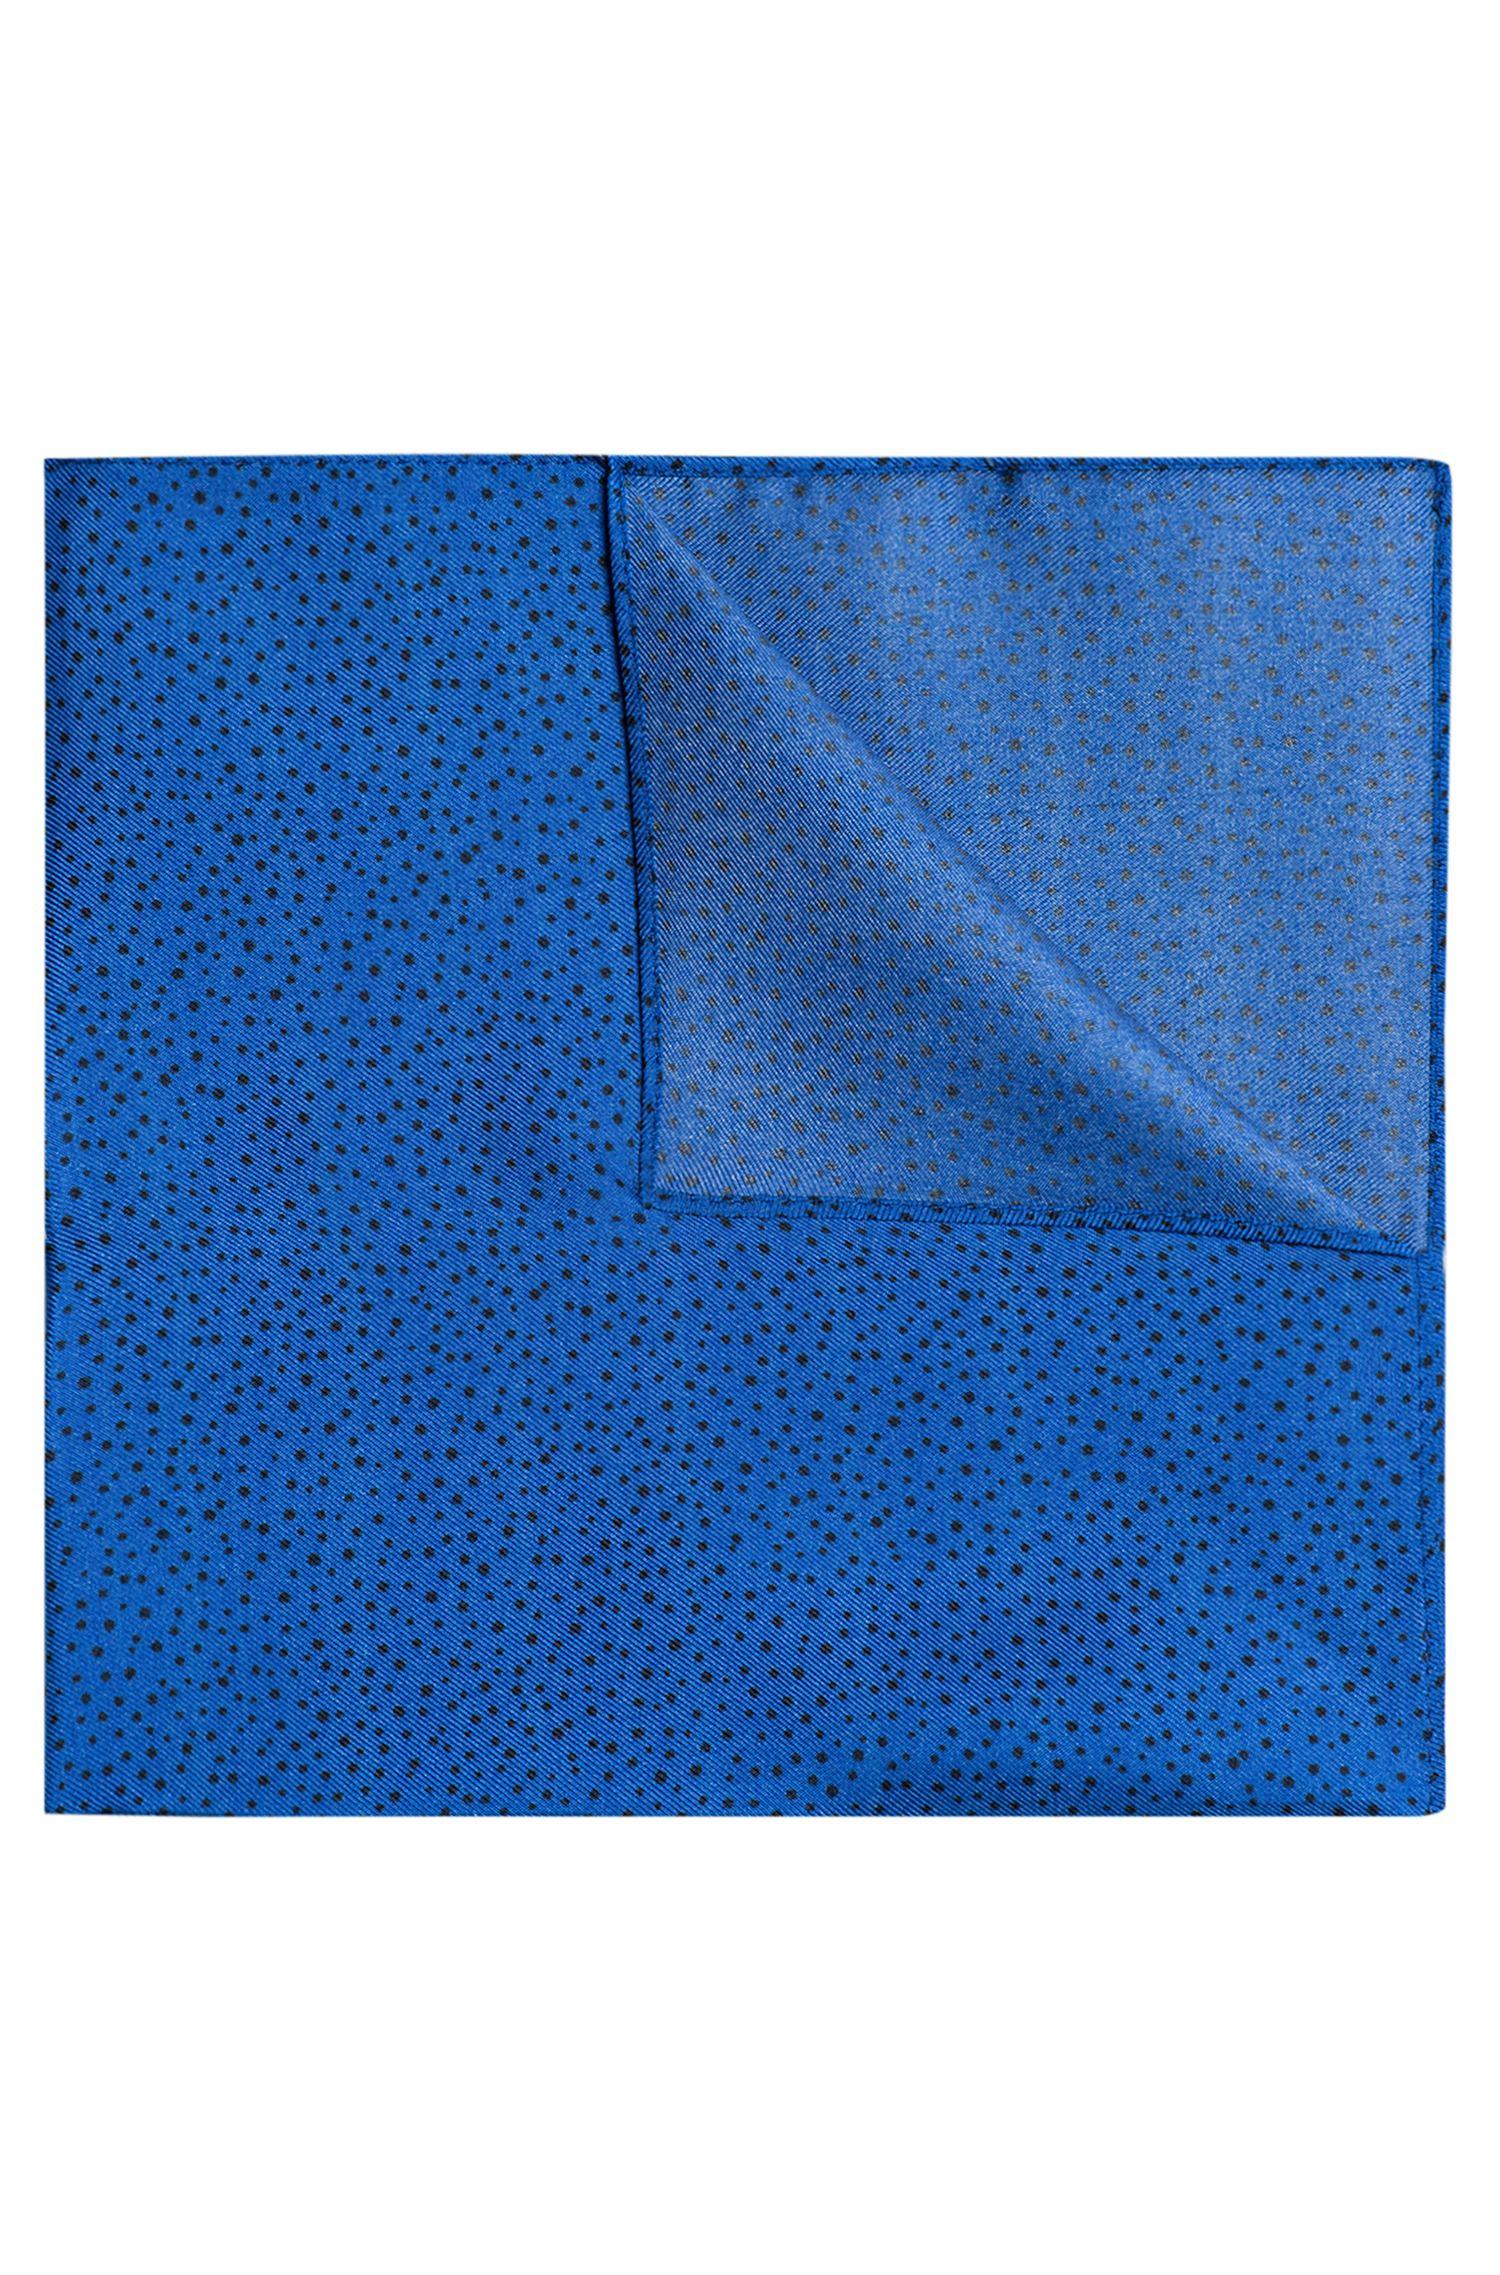 Pochet van zijden keperstof met stippenprint